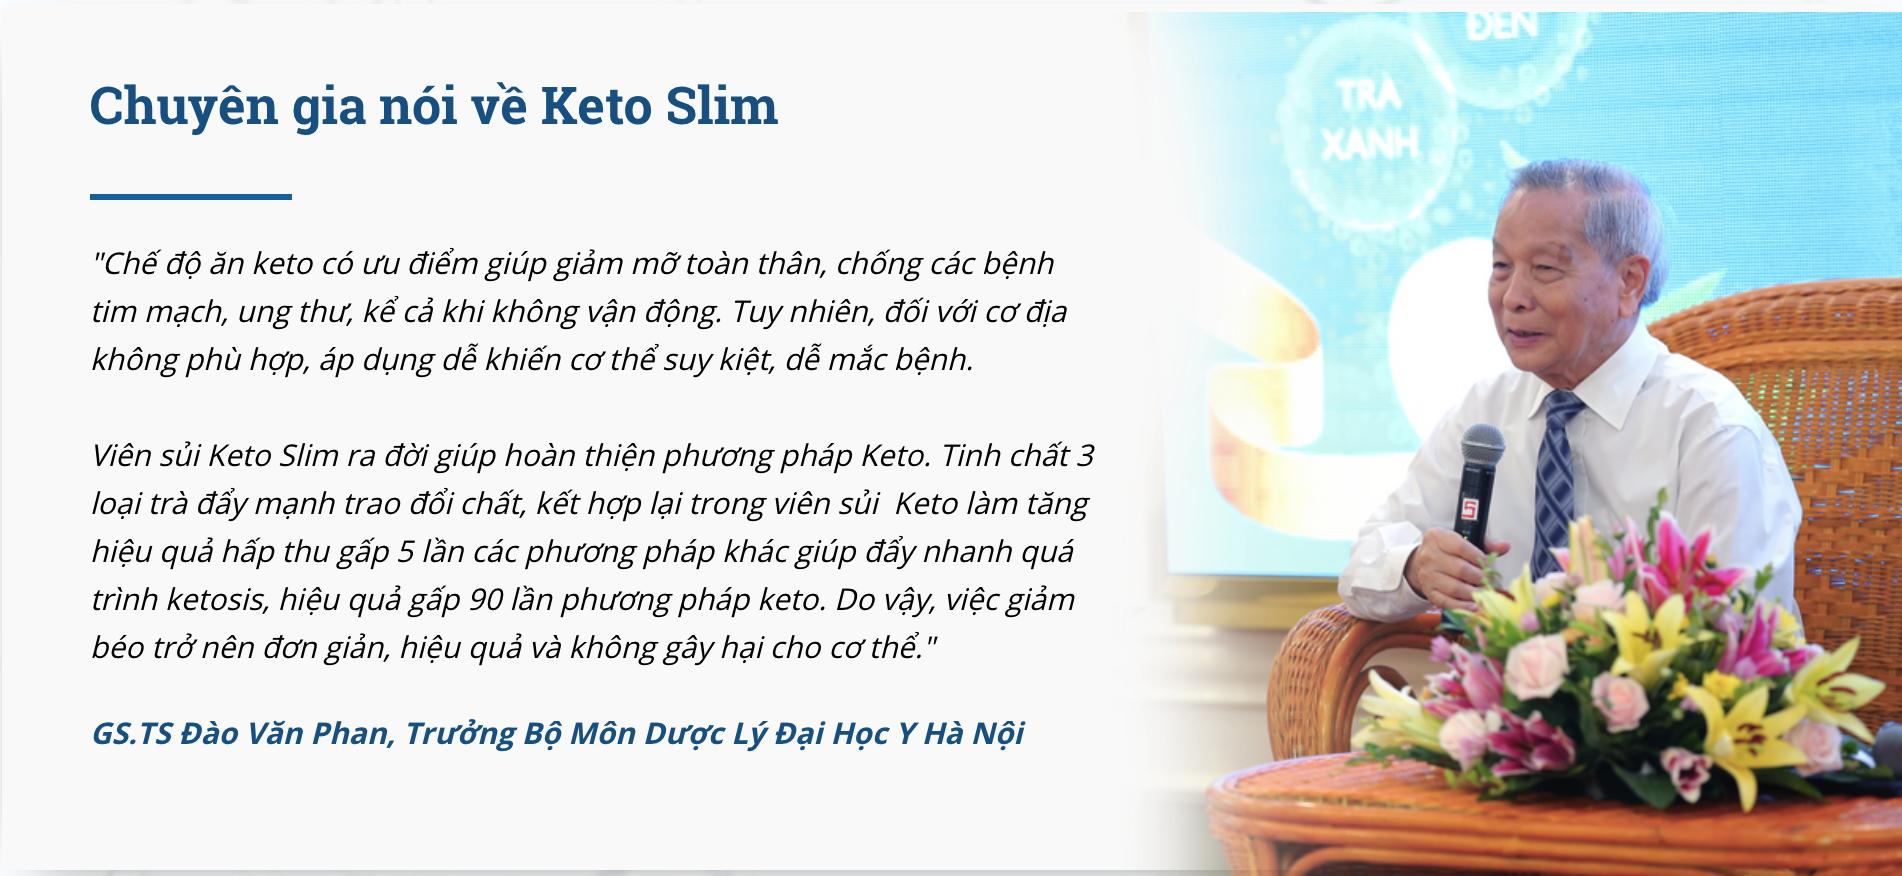 chuyen-gia-noi-ve-vien-sui-giam-can-keto-slim